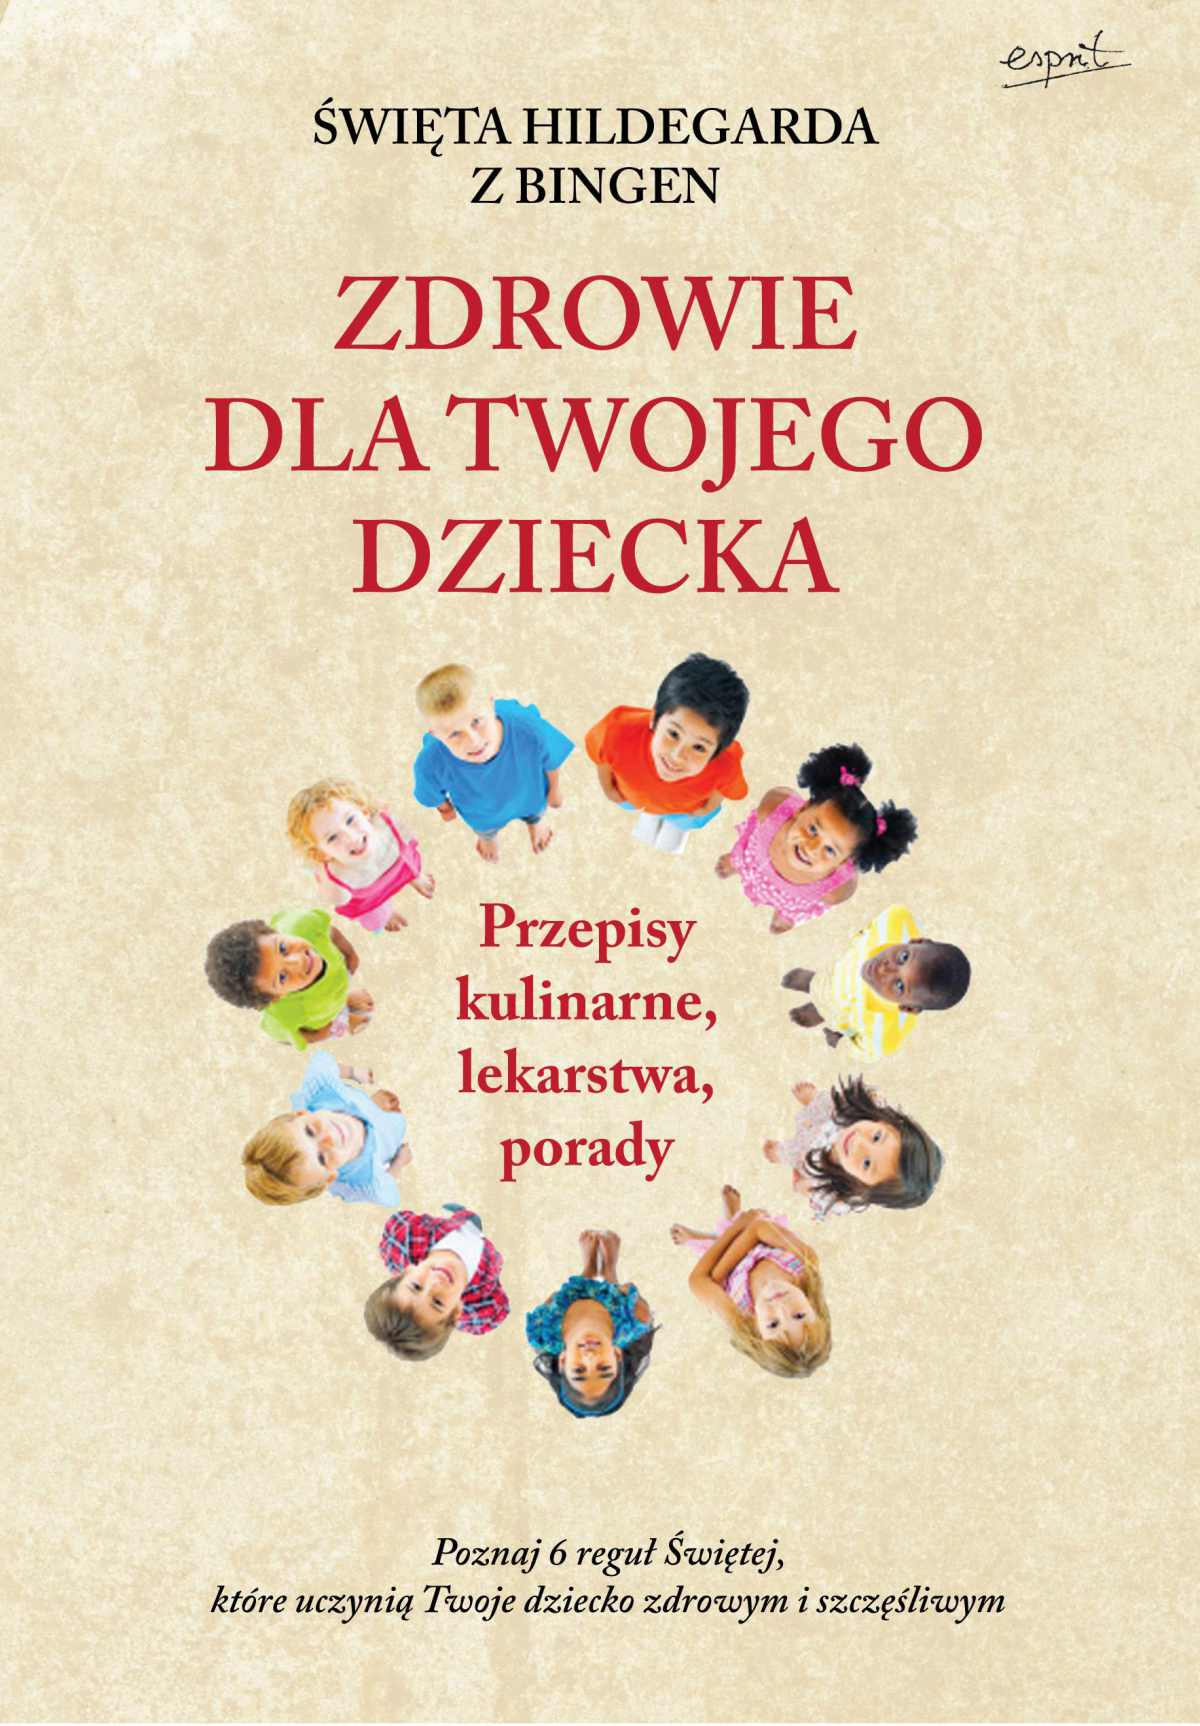 Św. Hildegarda z Bingen. Zdrowie dla twojego dziecka - Ebook (Książka na Kindle) do pobrania w formacie MOBI